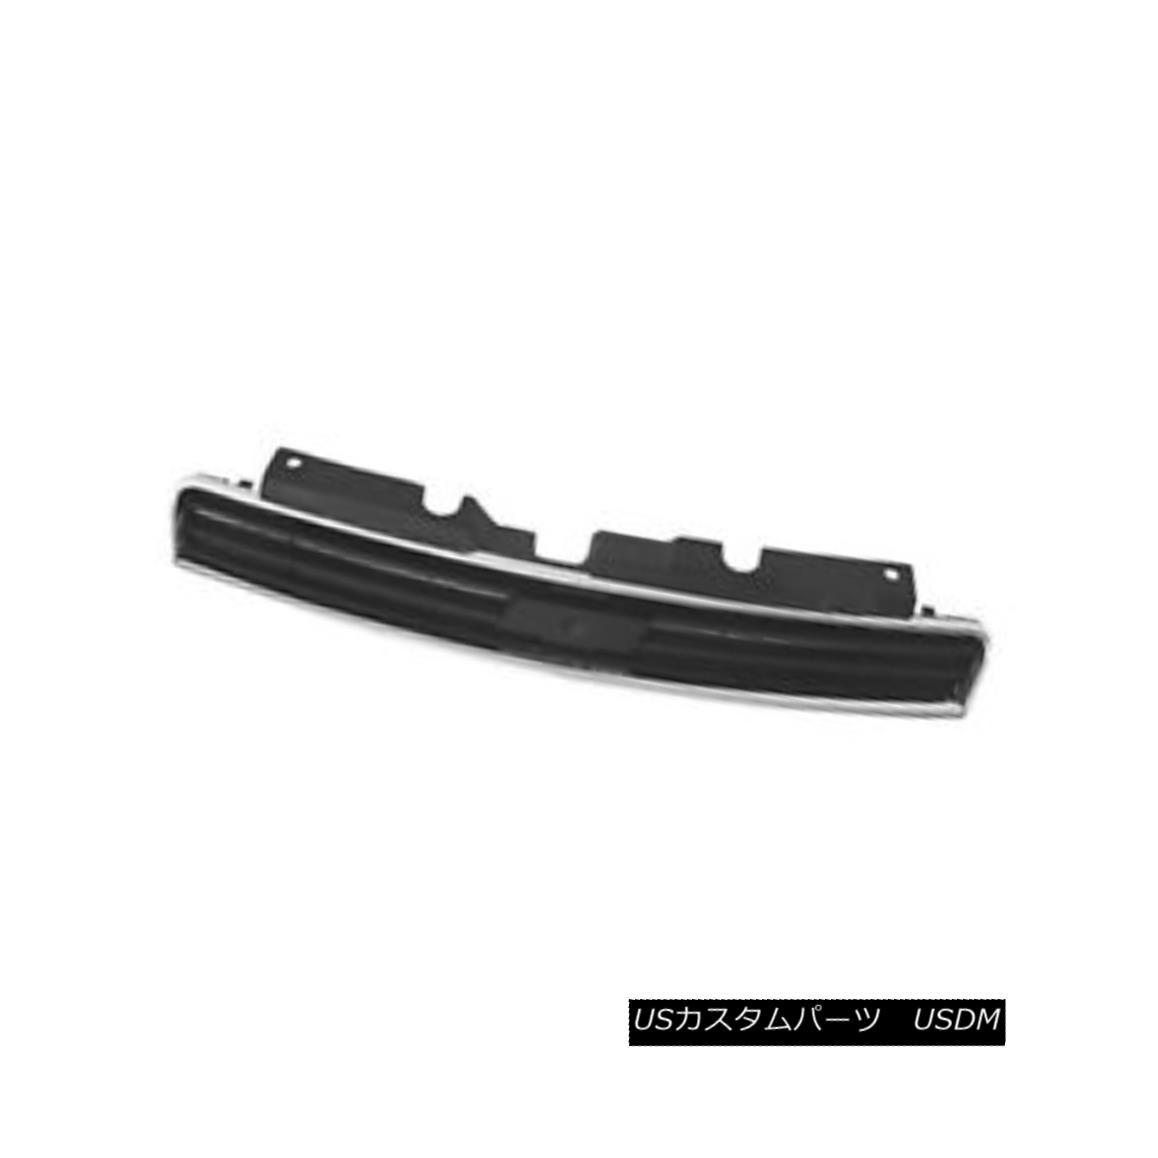 グリル Replacement Grille Black for LS / LT / LTZ / Police excluding SS Model 104-392 SS / SSモデル104-392を除くLS / LT / LTZ / Police用交換用グリルブラック